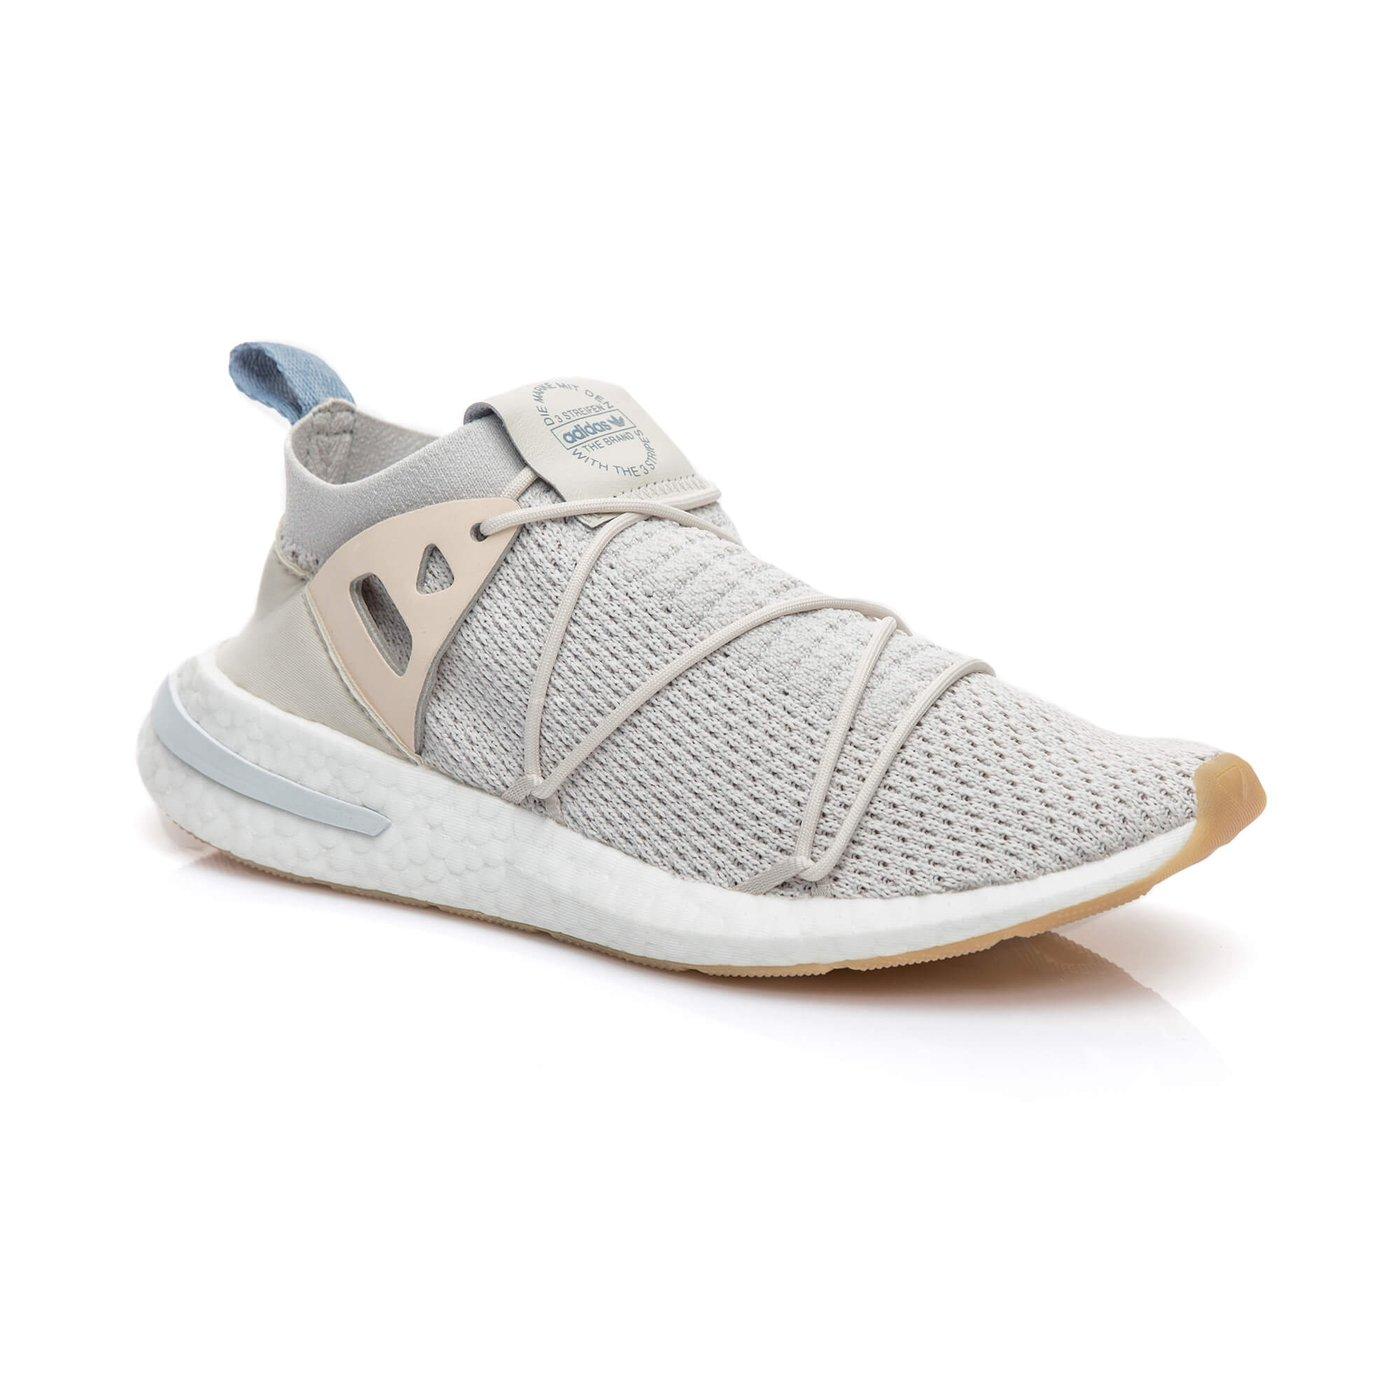 adidas Arkyn PrimeKnit Kadın Bej Spor Ayakkabı